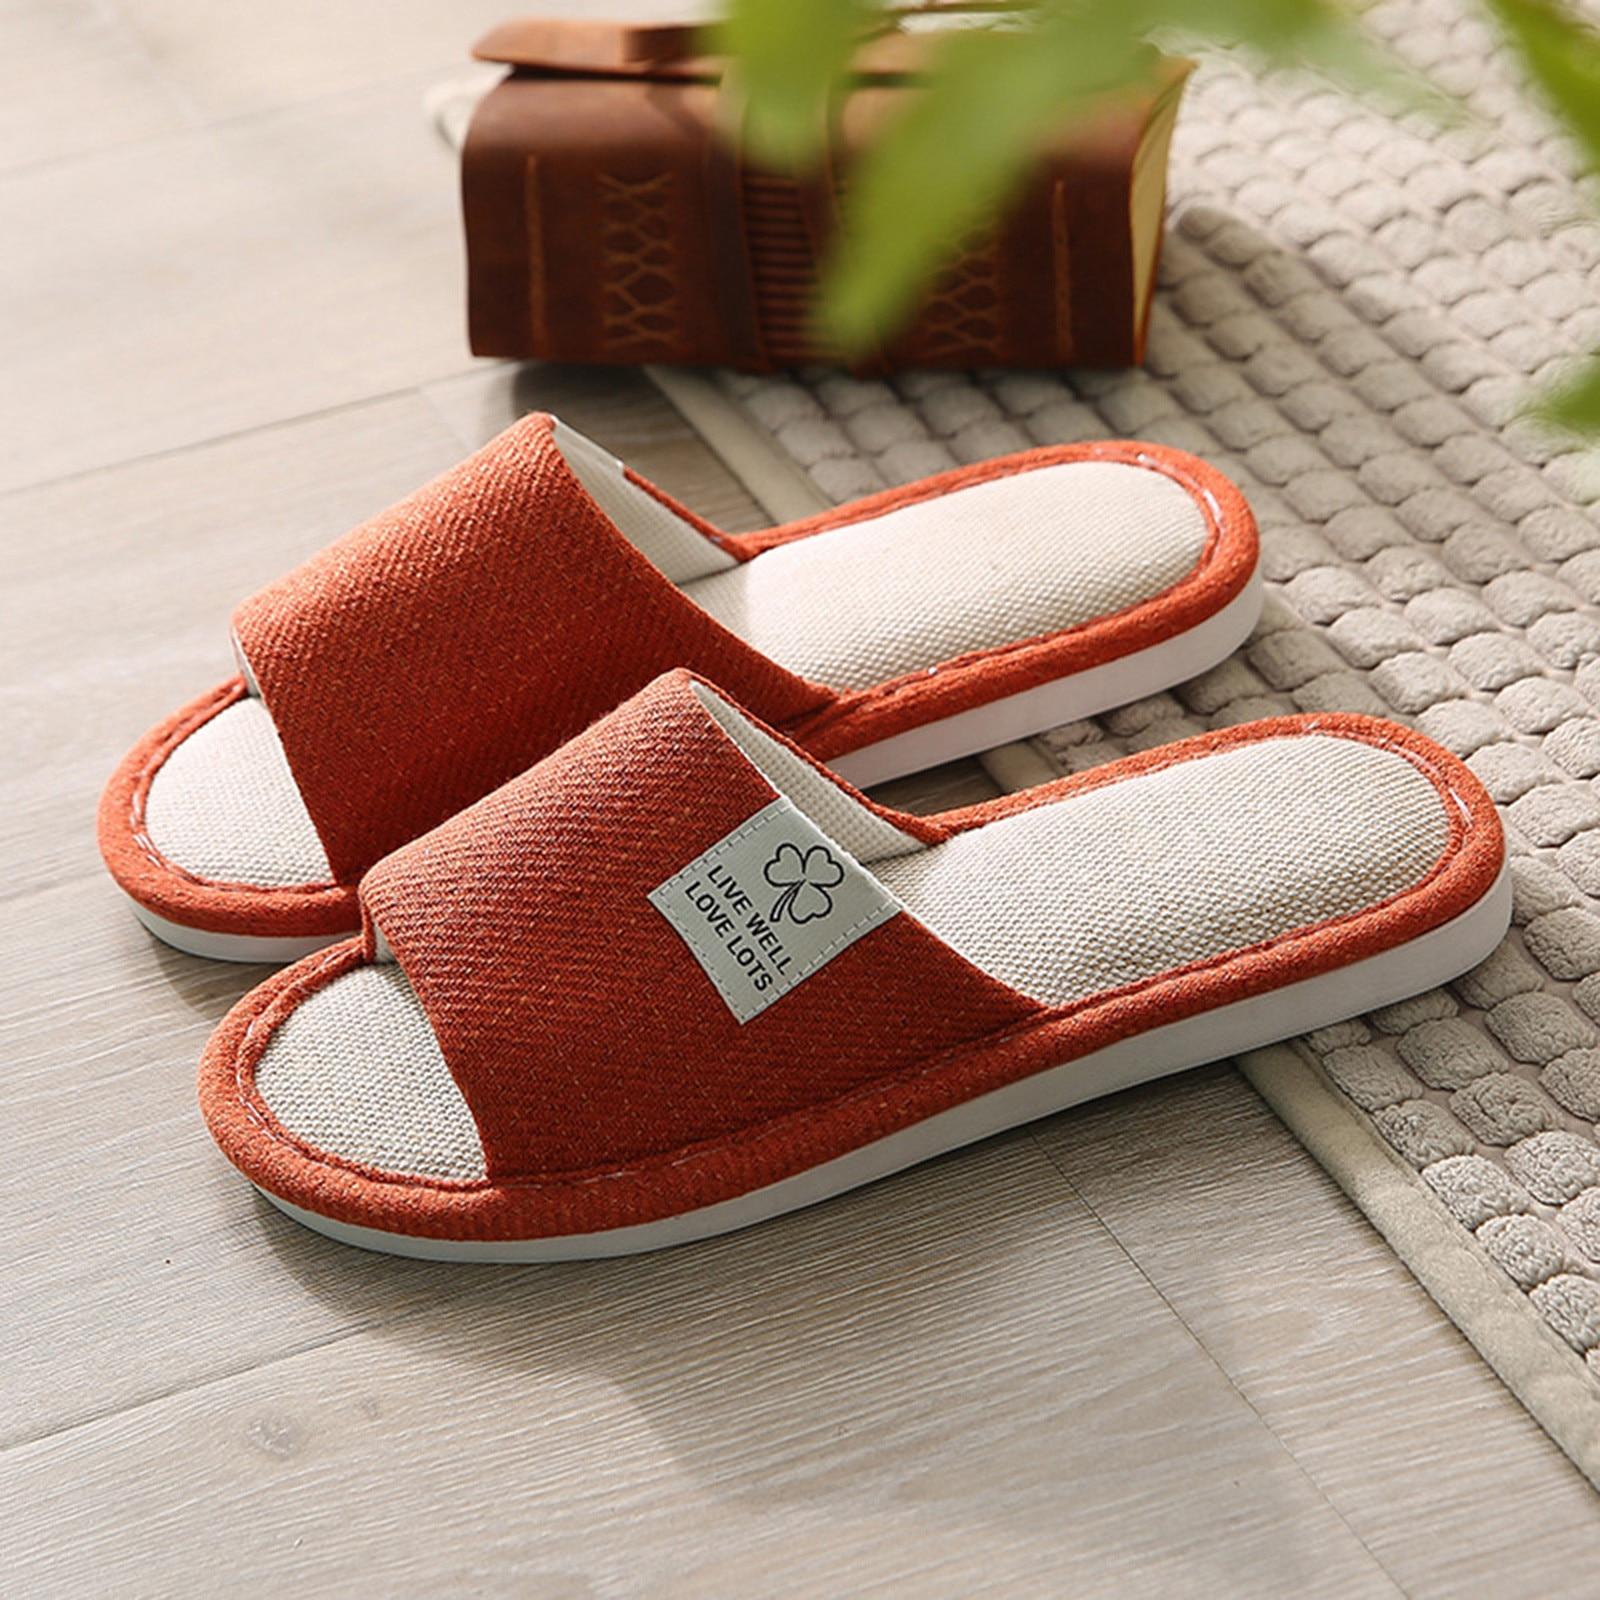 SAGACE Slippers For Women Men Linen Shoes Women Household Slippers Indoor Floor Shoes Flats Heel Non